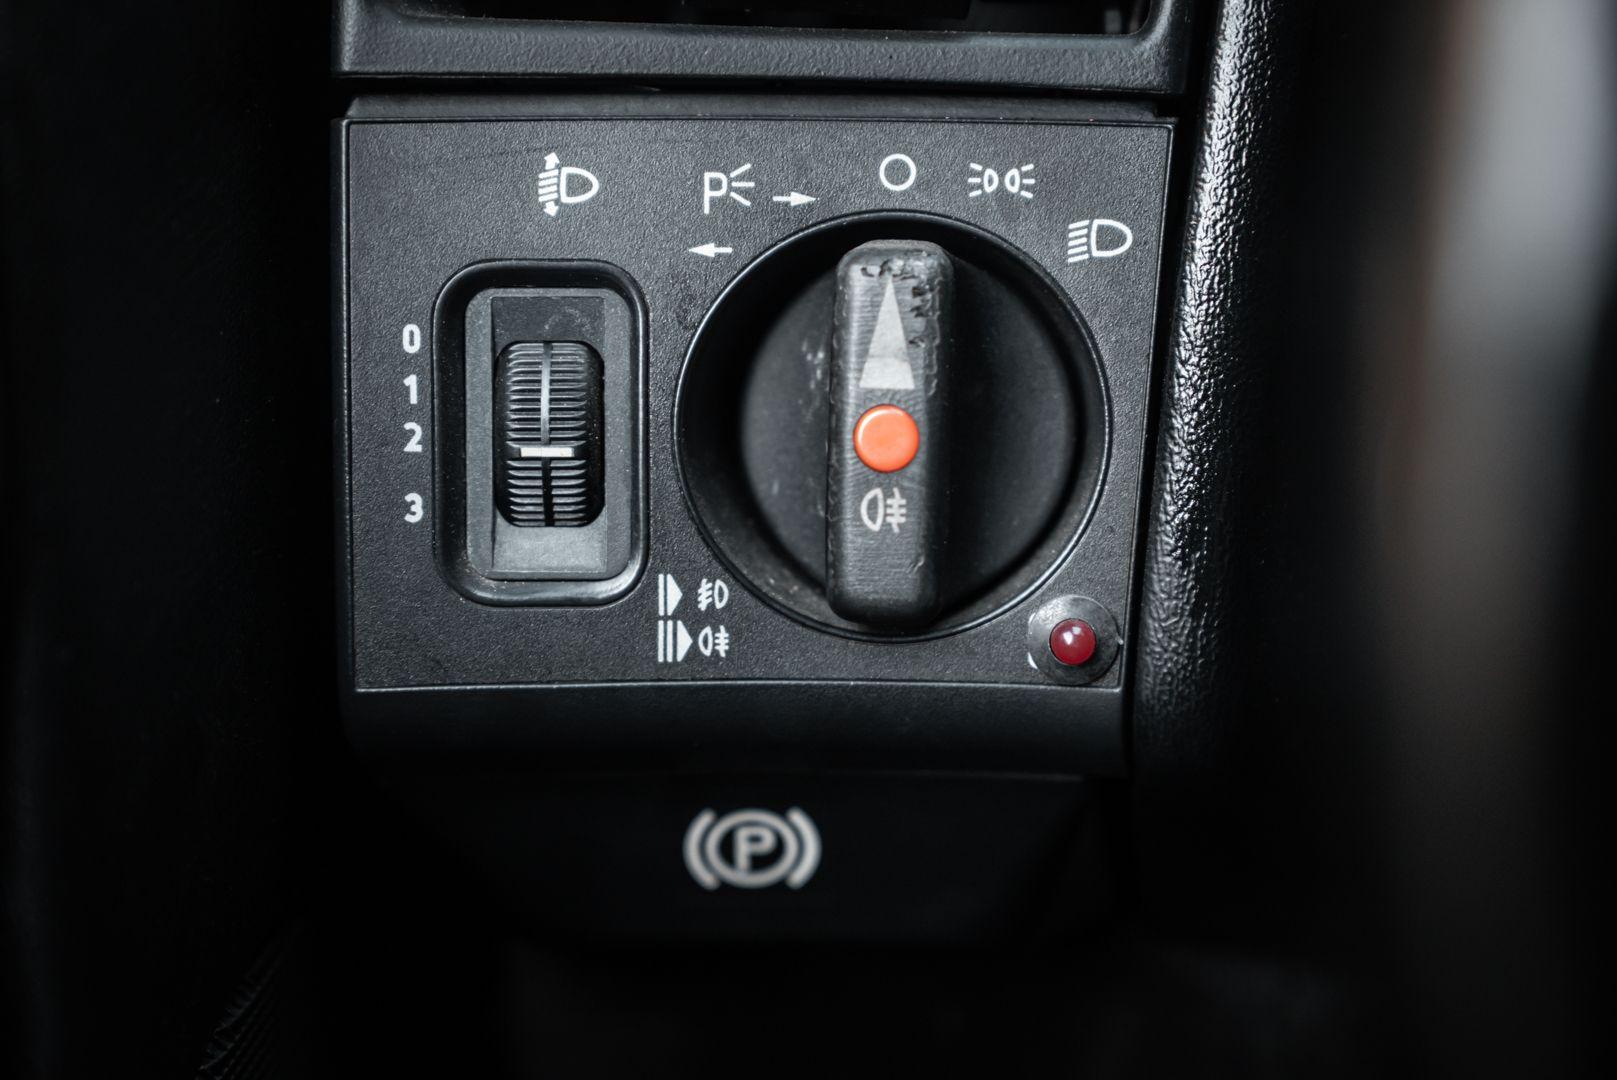 1992 Mercedes Benz 300 SL 24 V 80636